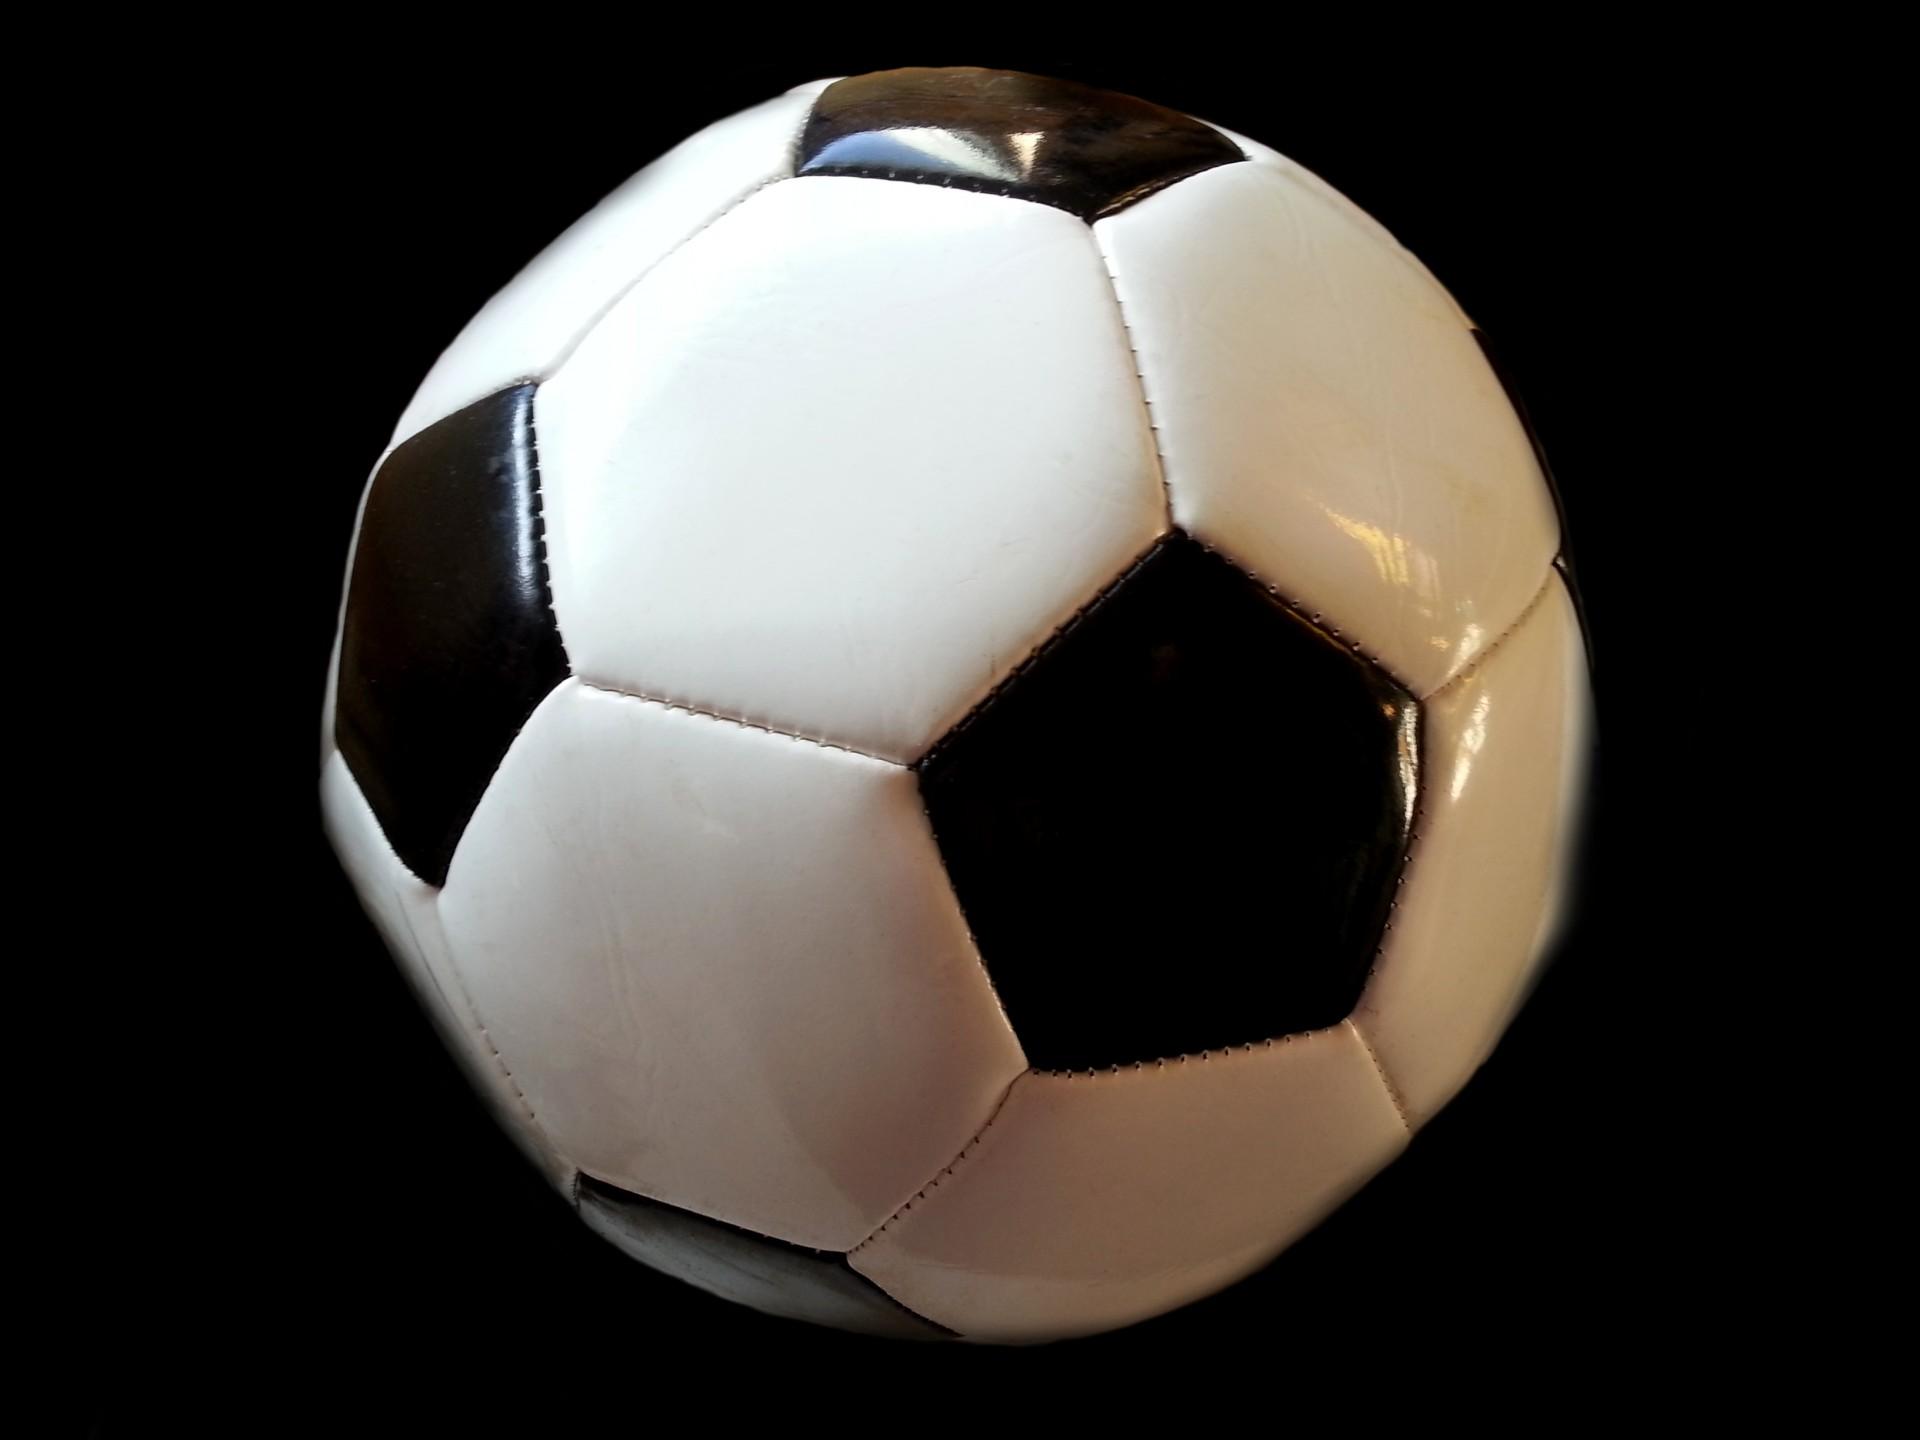 Приколы, открытка футбольный мяч